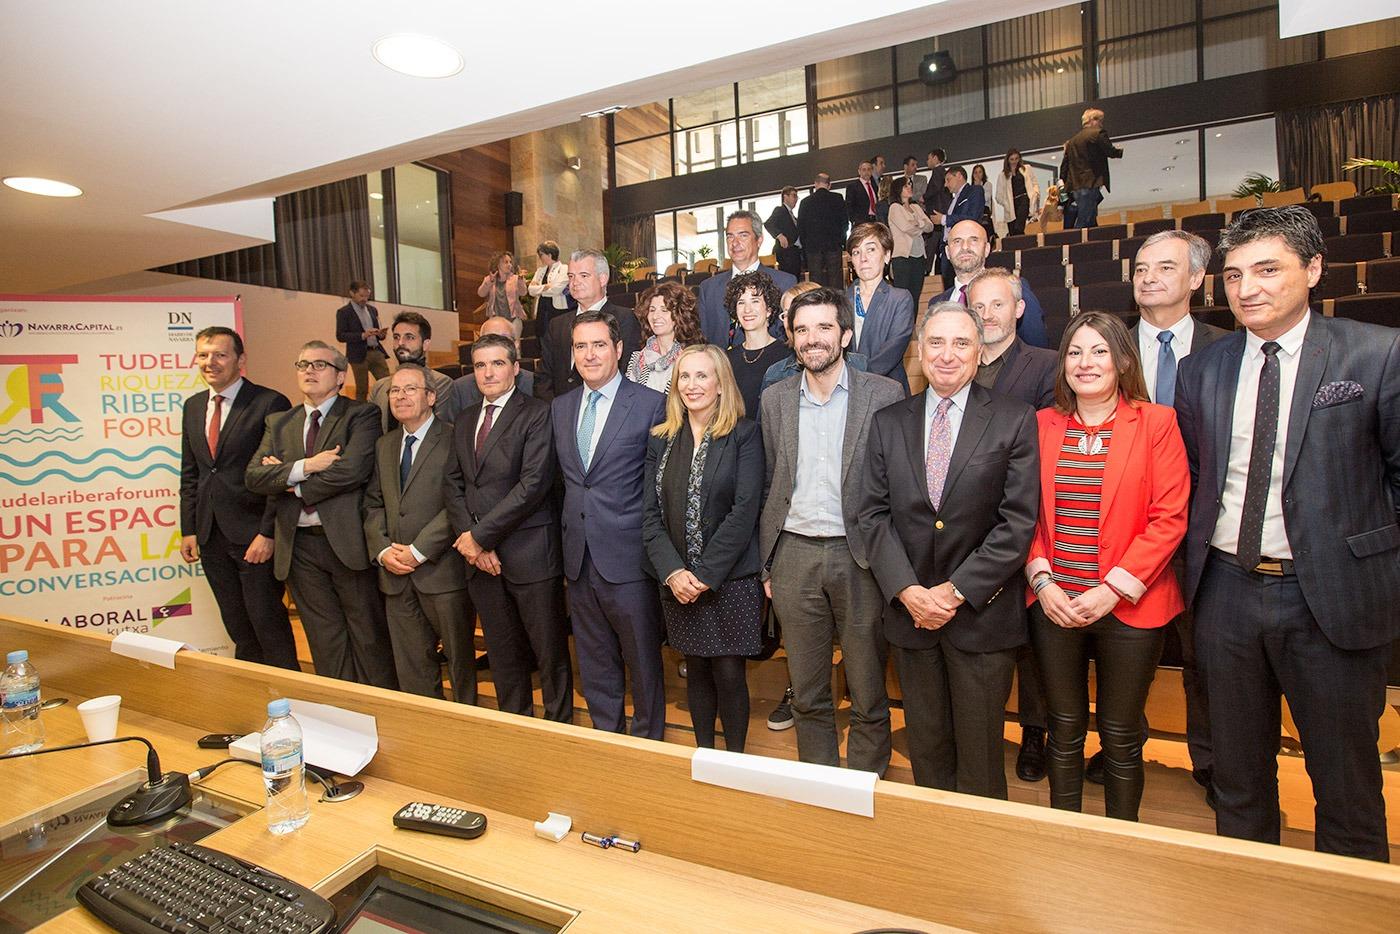 Los ponentes de el Tudela Ribera Forum de 2018. (Fotos: Víctor Rodrígo)